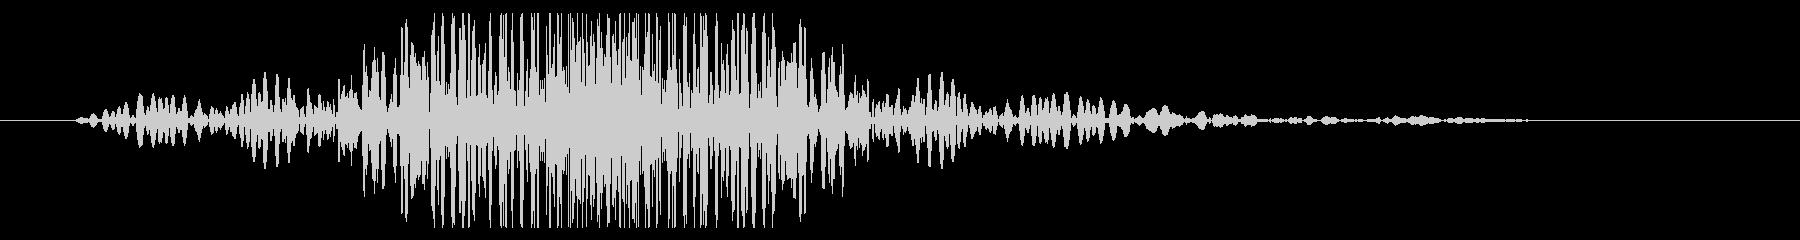 風切り音/重め(大剣,鎌,刀,棒)3H2の未再生の波形